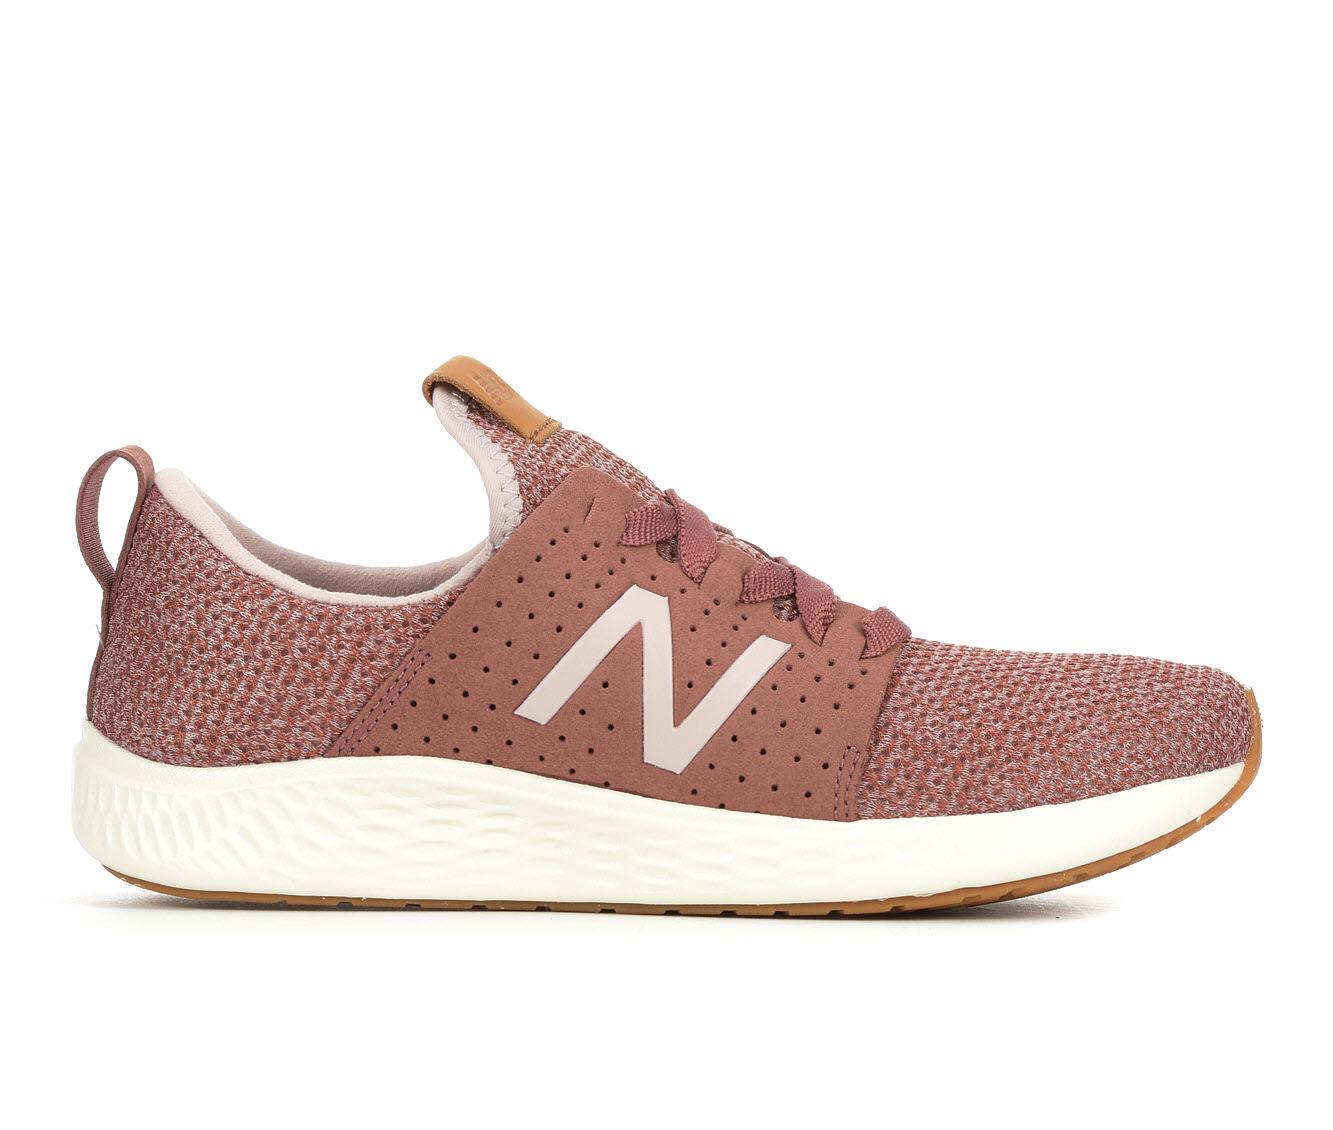 Women's New Balance Fresh Foam Sport Sneakers Pink/White